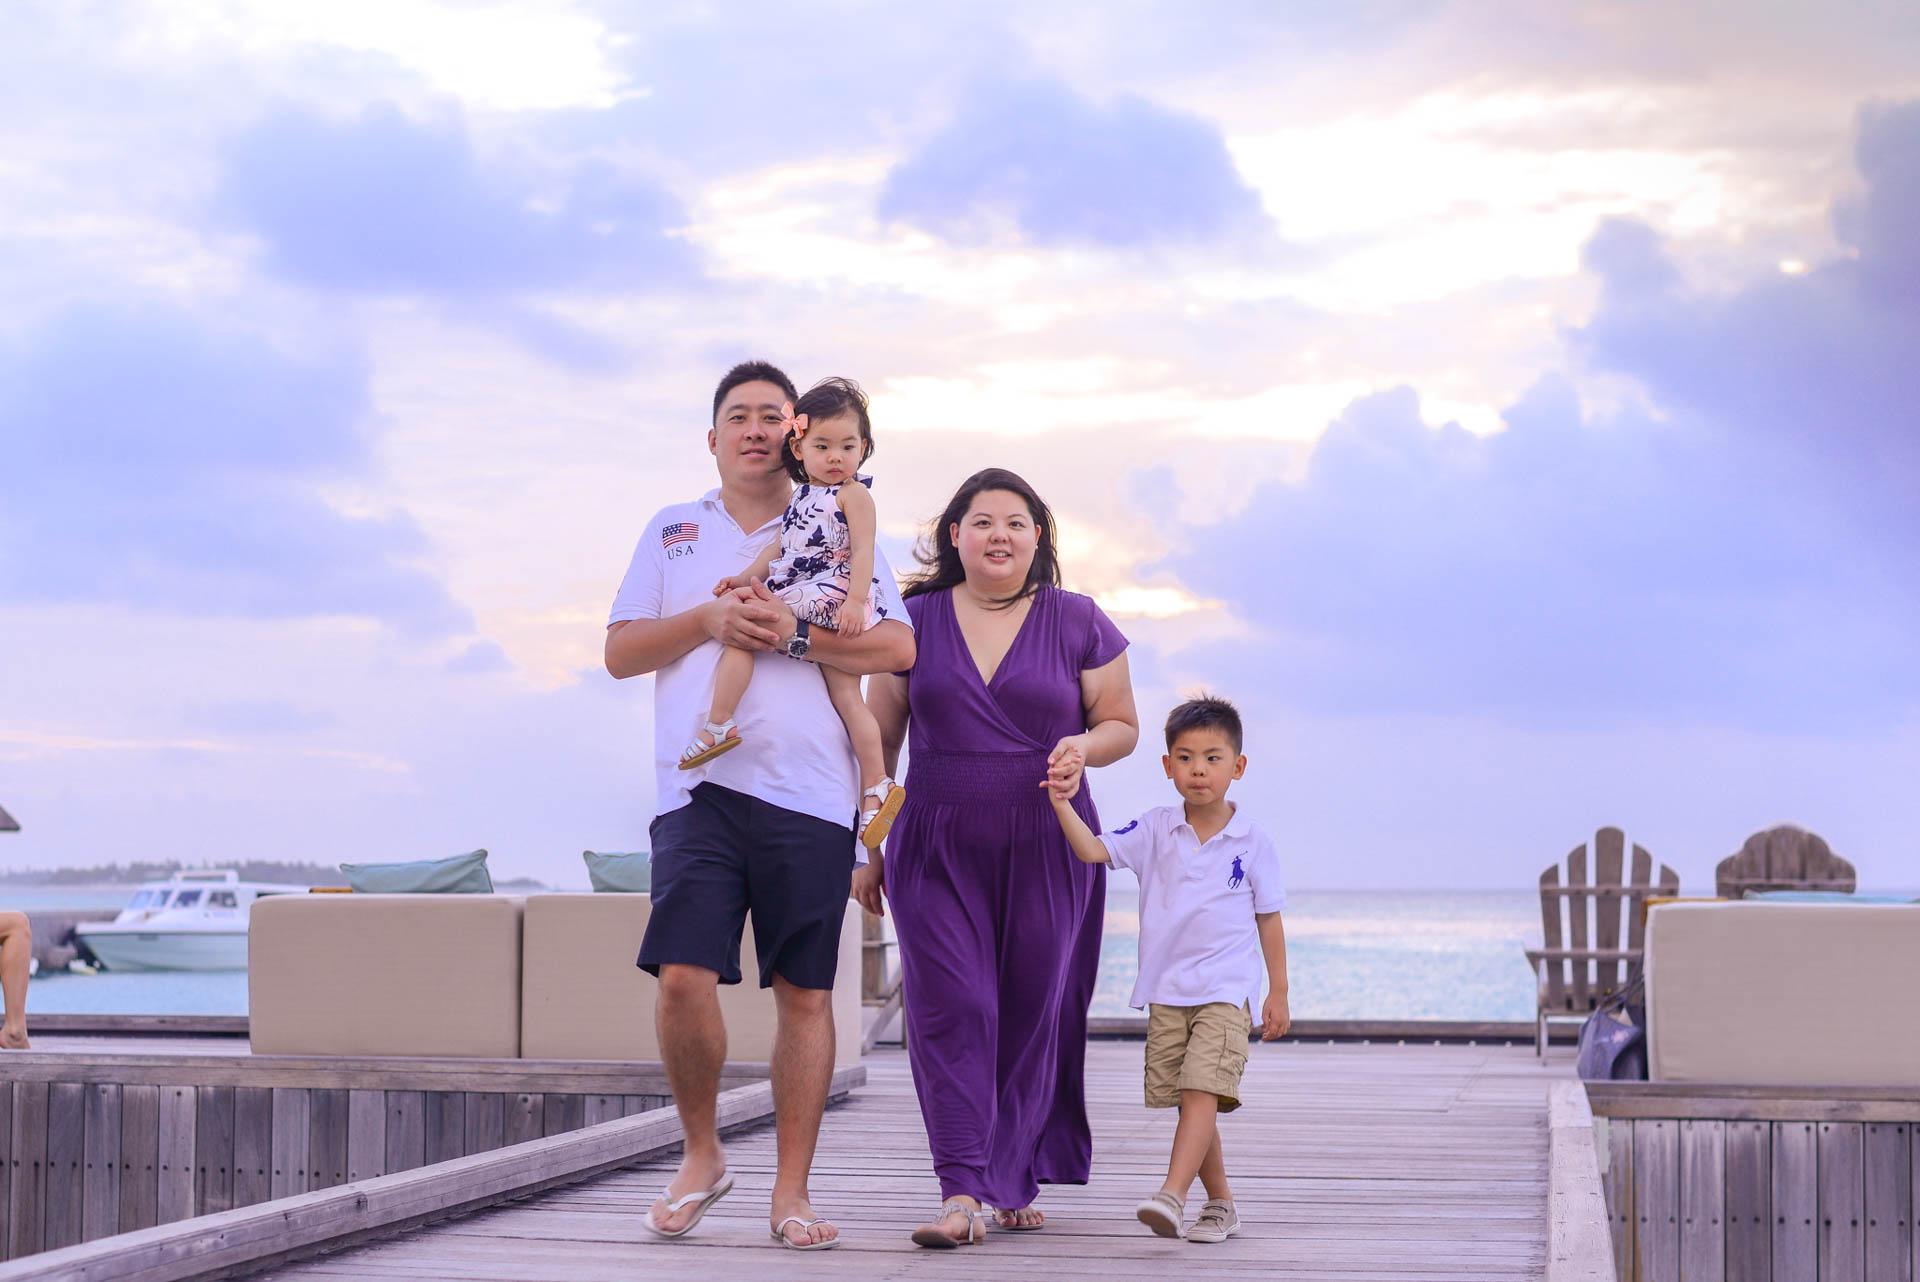 Rosa Family at Four seaons Maldives 50